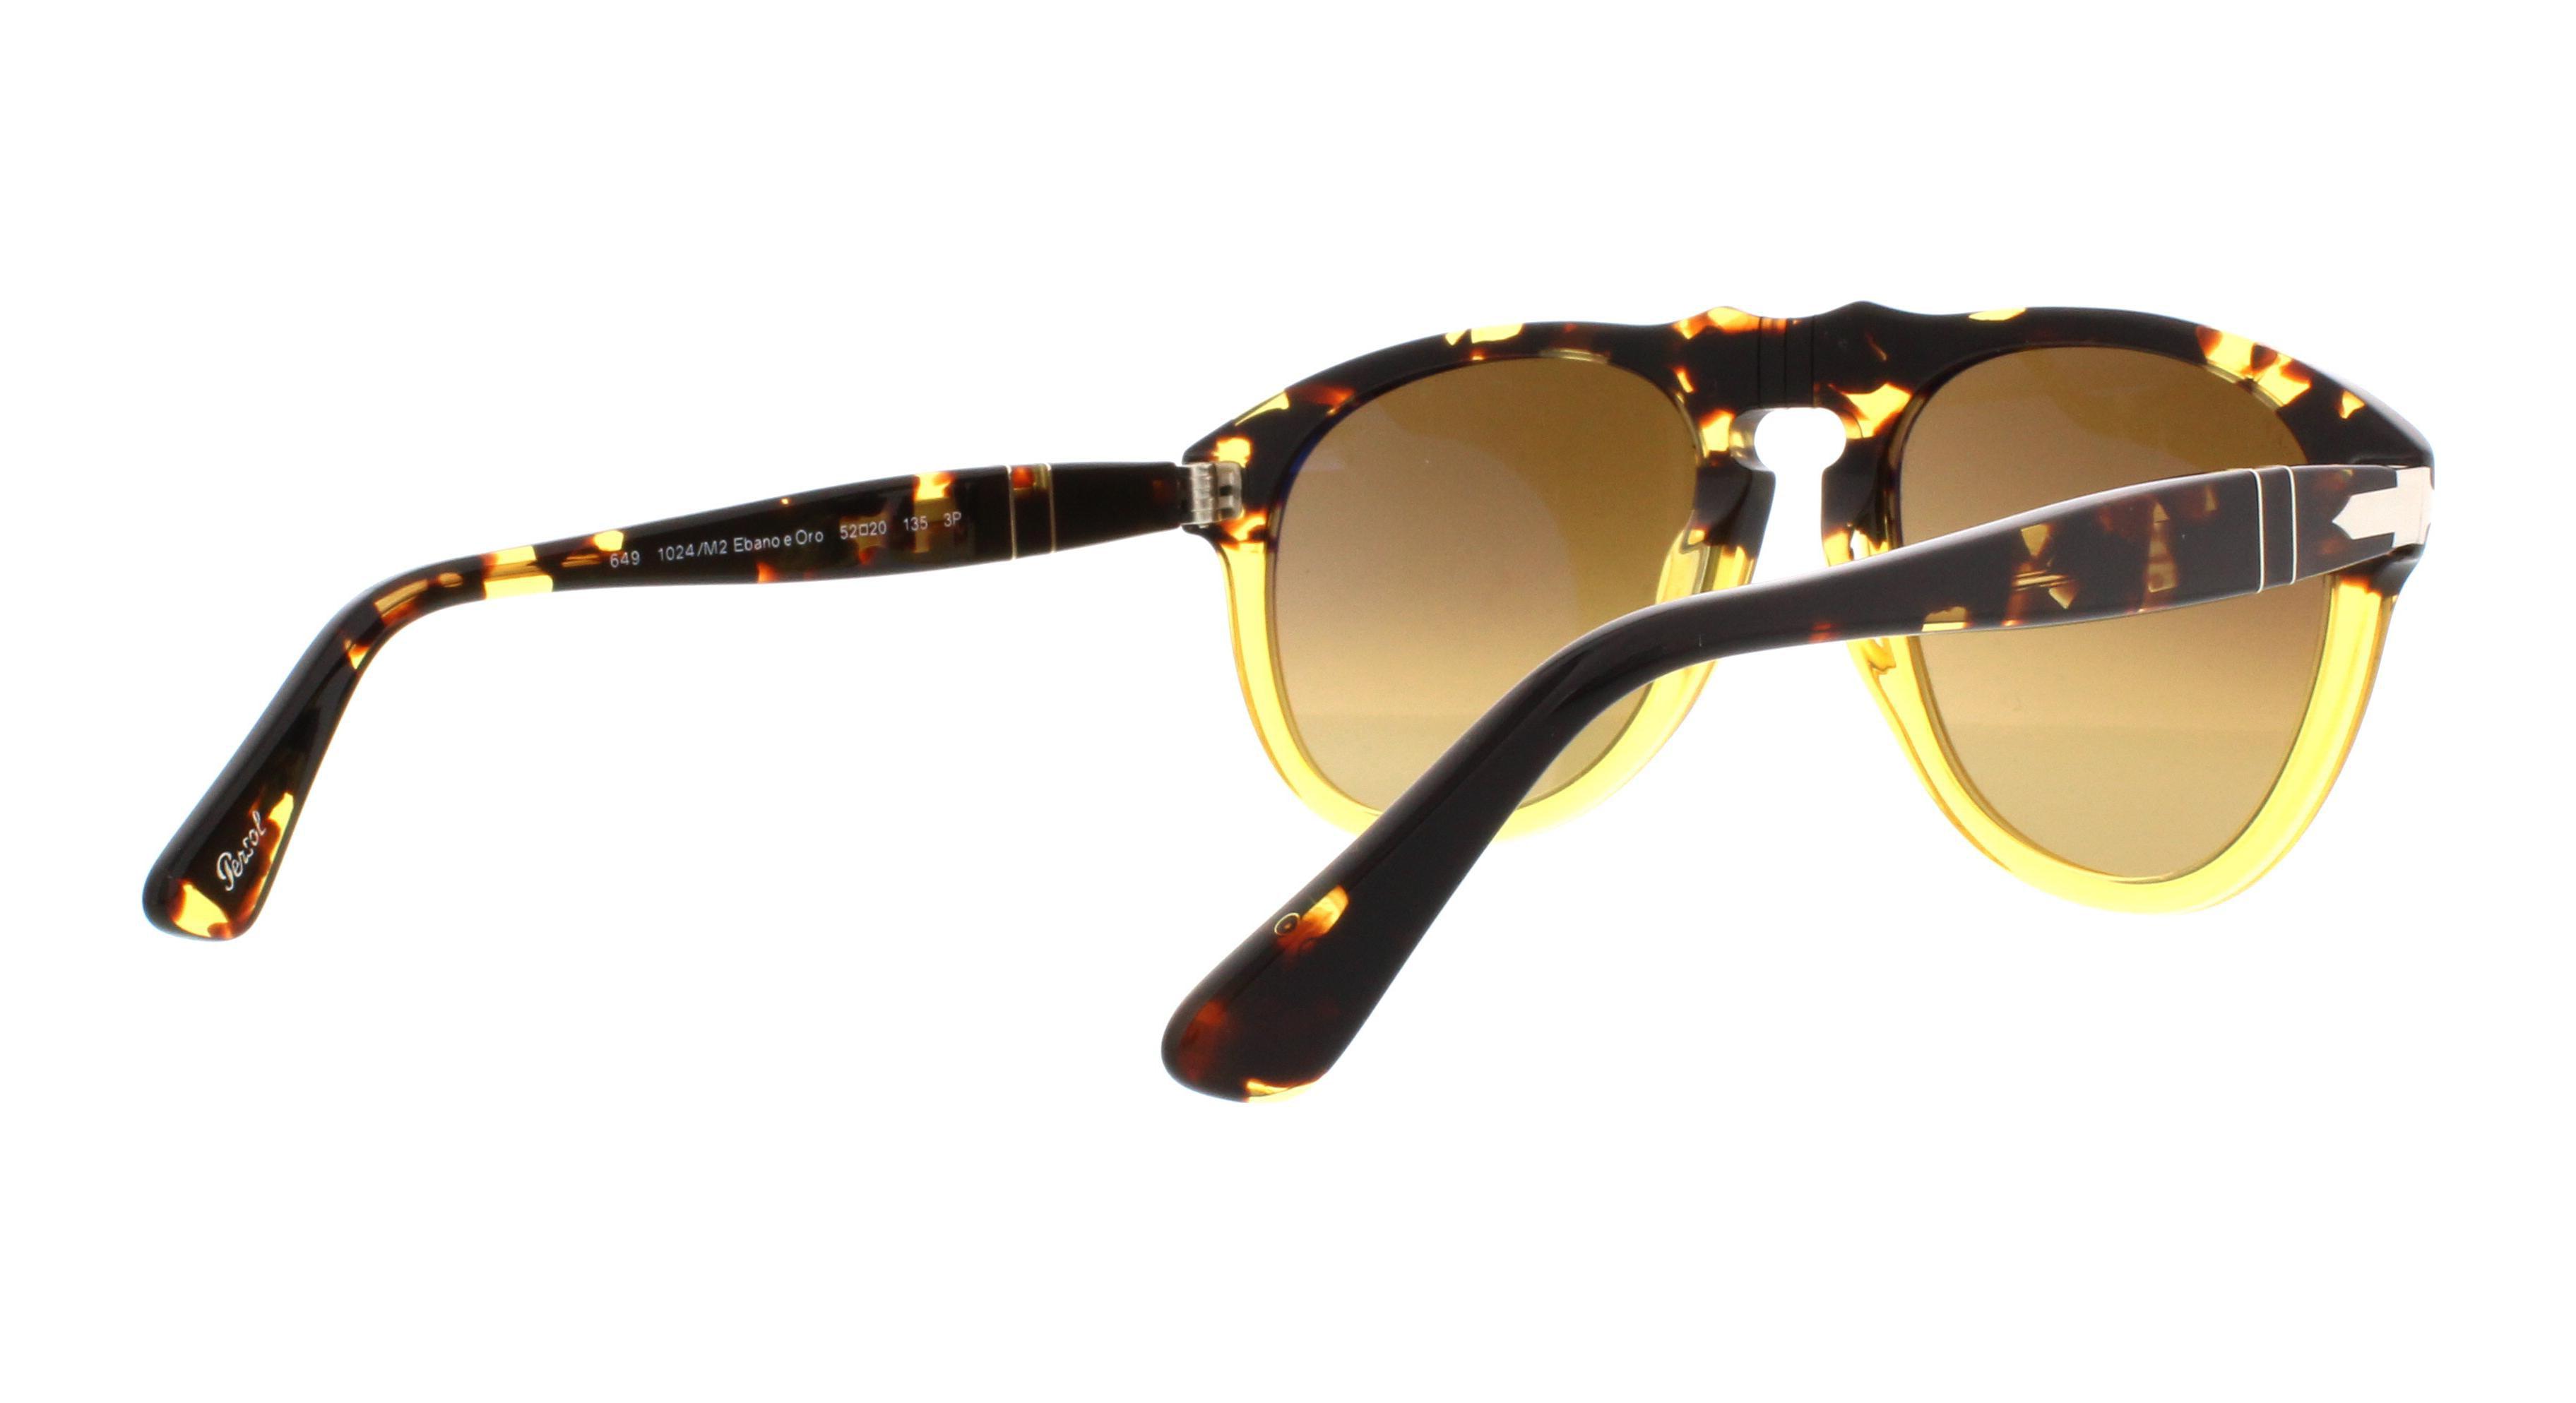 4ffe9457bb PERSOL - PERSOL Sunglasses PO0649 1024M2 Ebano E Oro 52MM - Walmart.com